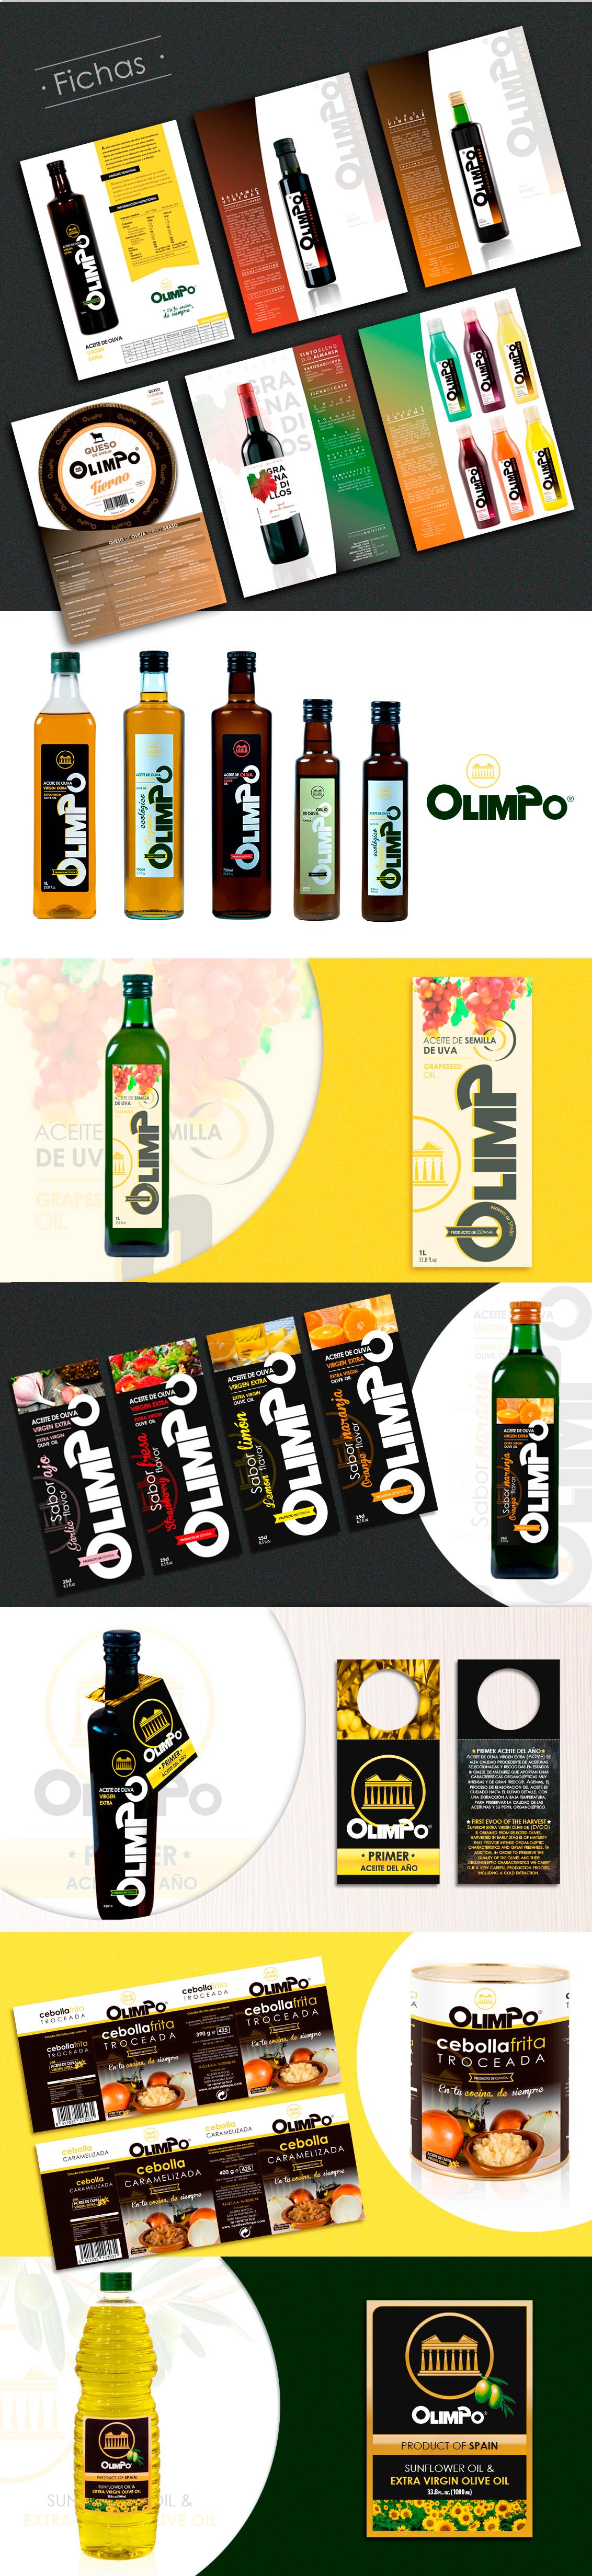 Diseño grafico, branding, diseño de etiquetas de aceite Albacete, diseño etiquetas aceites Olimpo